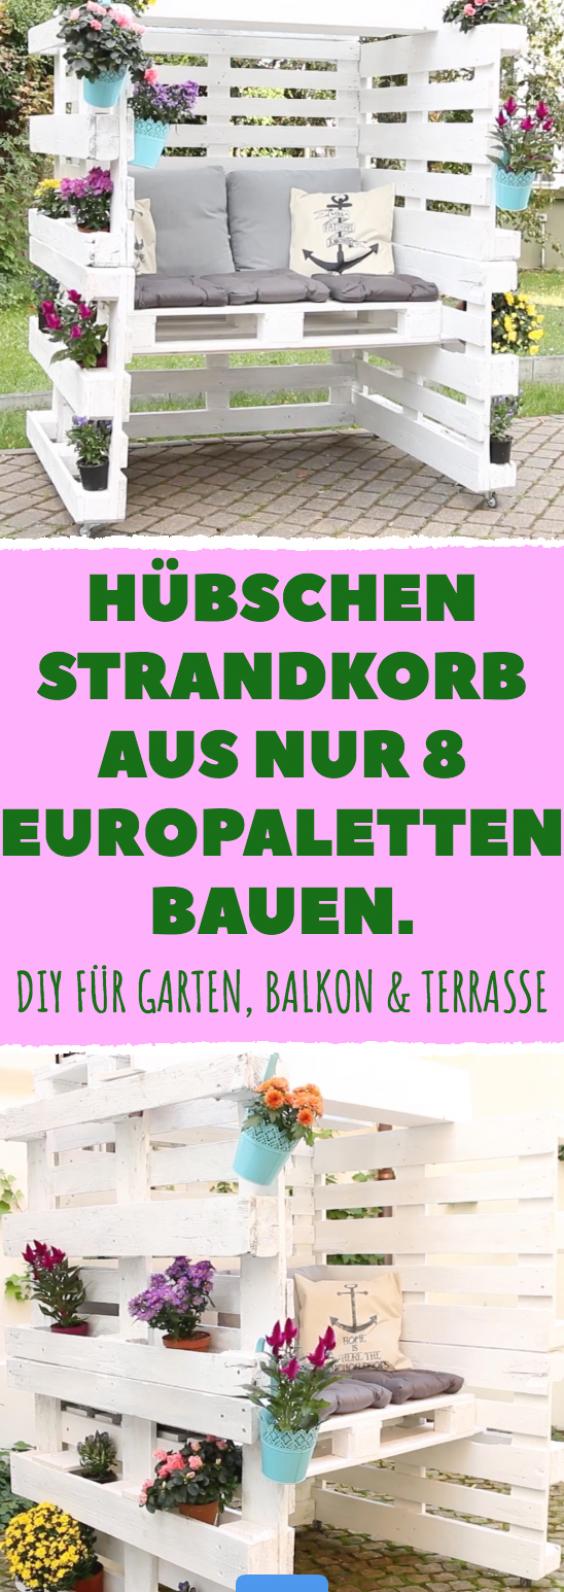 H Bschen Strandkorb Aus Nur 8 Europaletten Bauen Diy F R Garten Balkon Terrasse Diy Bauen Strandkorb Europale Pallet Diy Pallets Garden Pallet Decor